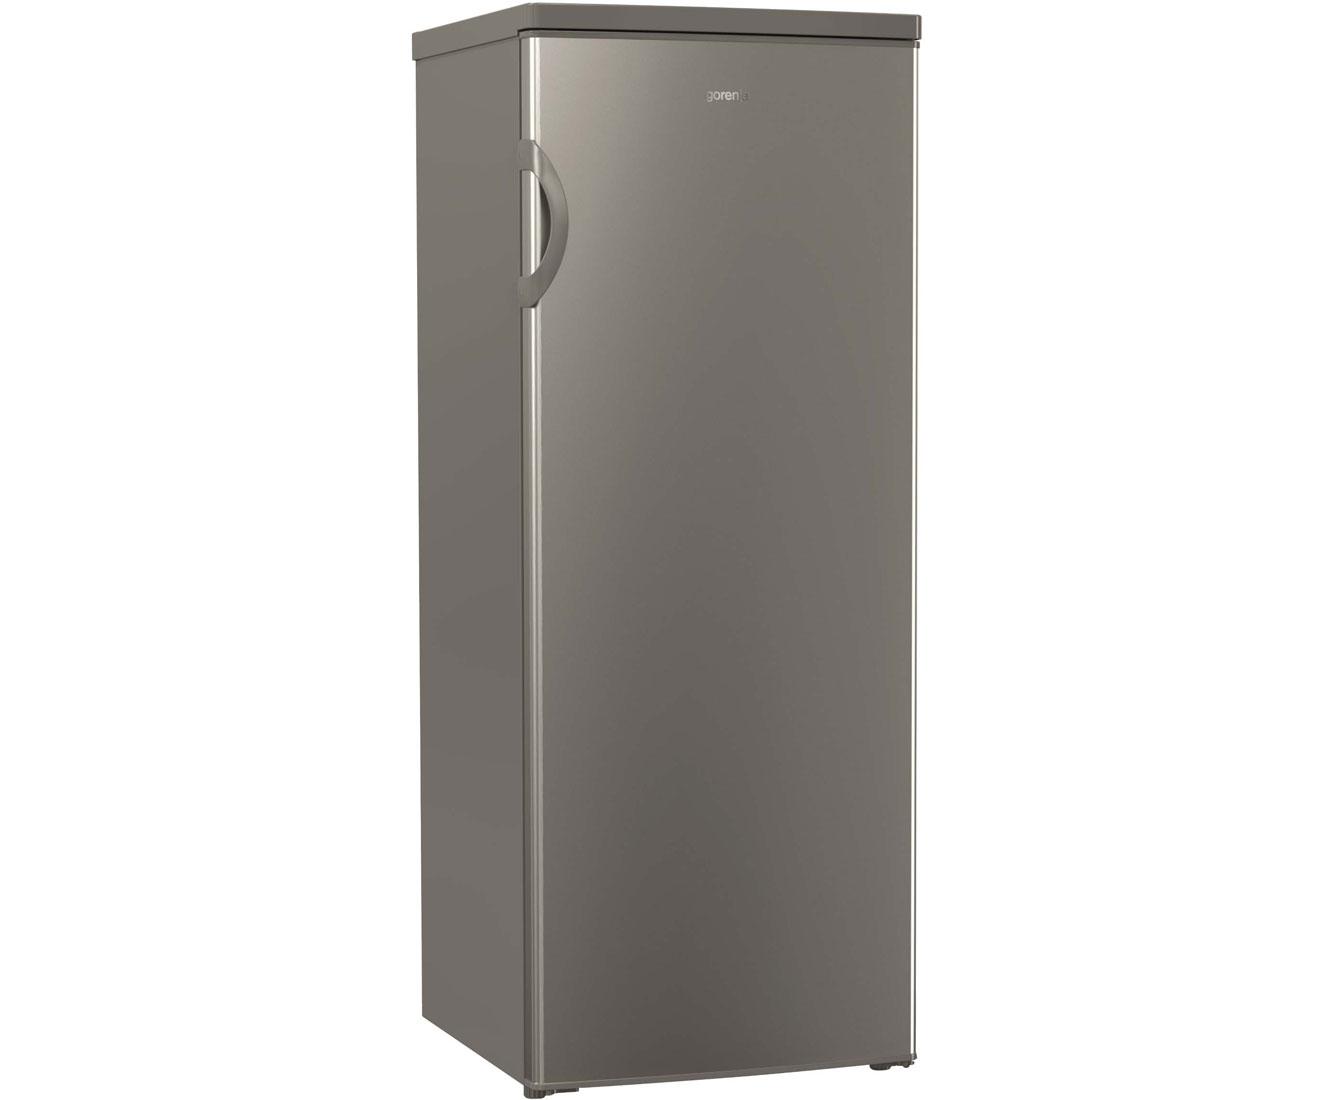 Gorenje Kühlschrank Orb153 : Edelstahl kühlschrank preisvergleich u die besten angebote online